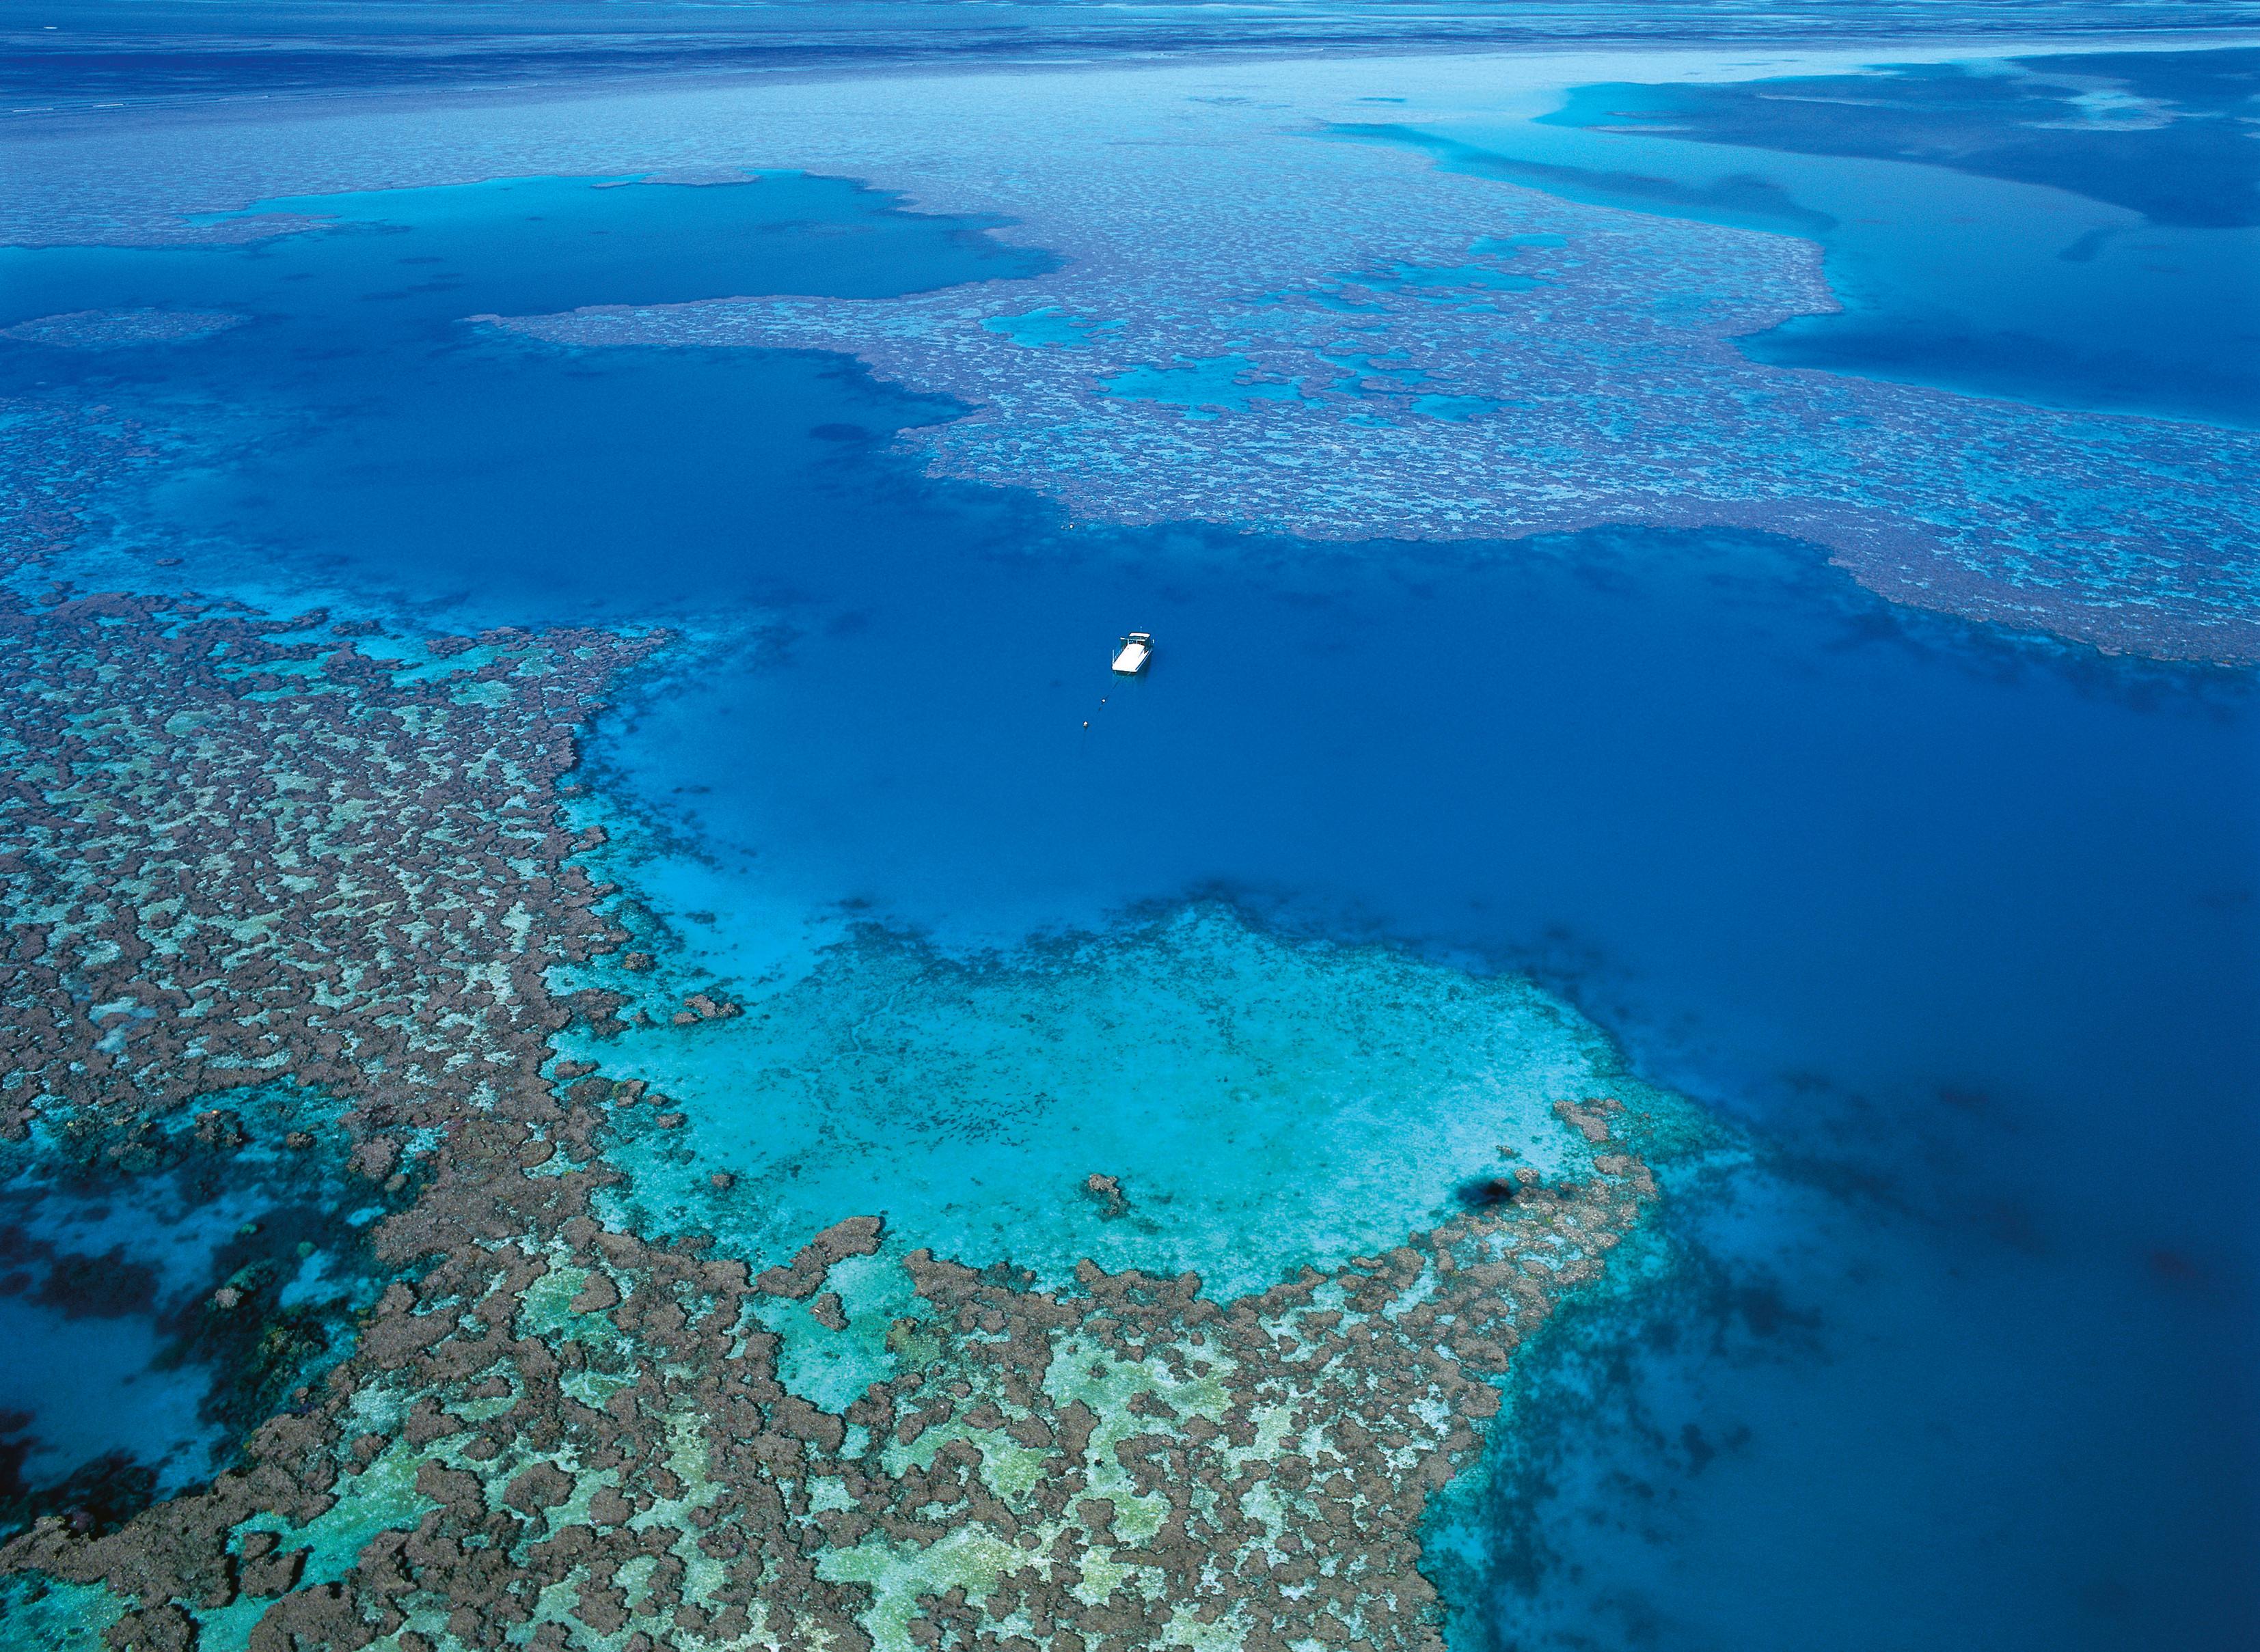 Aerial Photo Credit: Tourism Australia